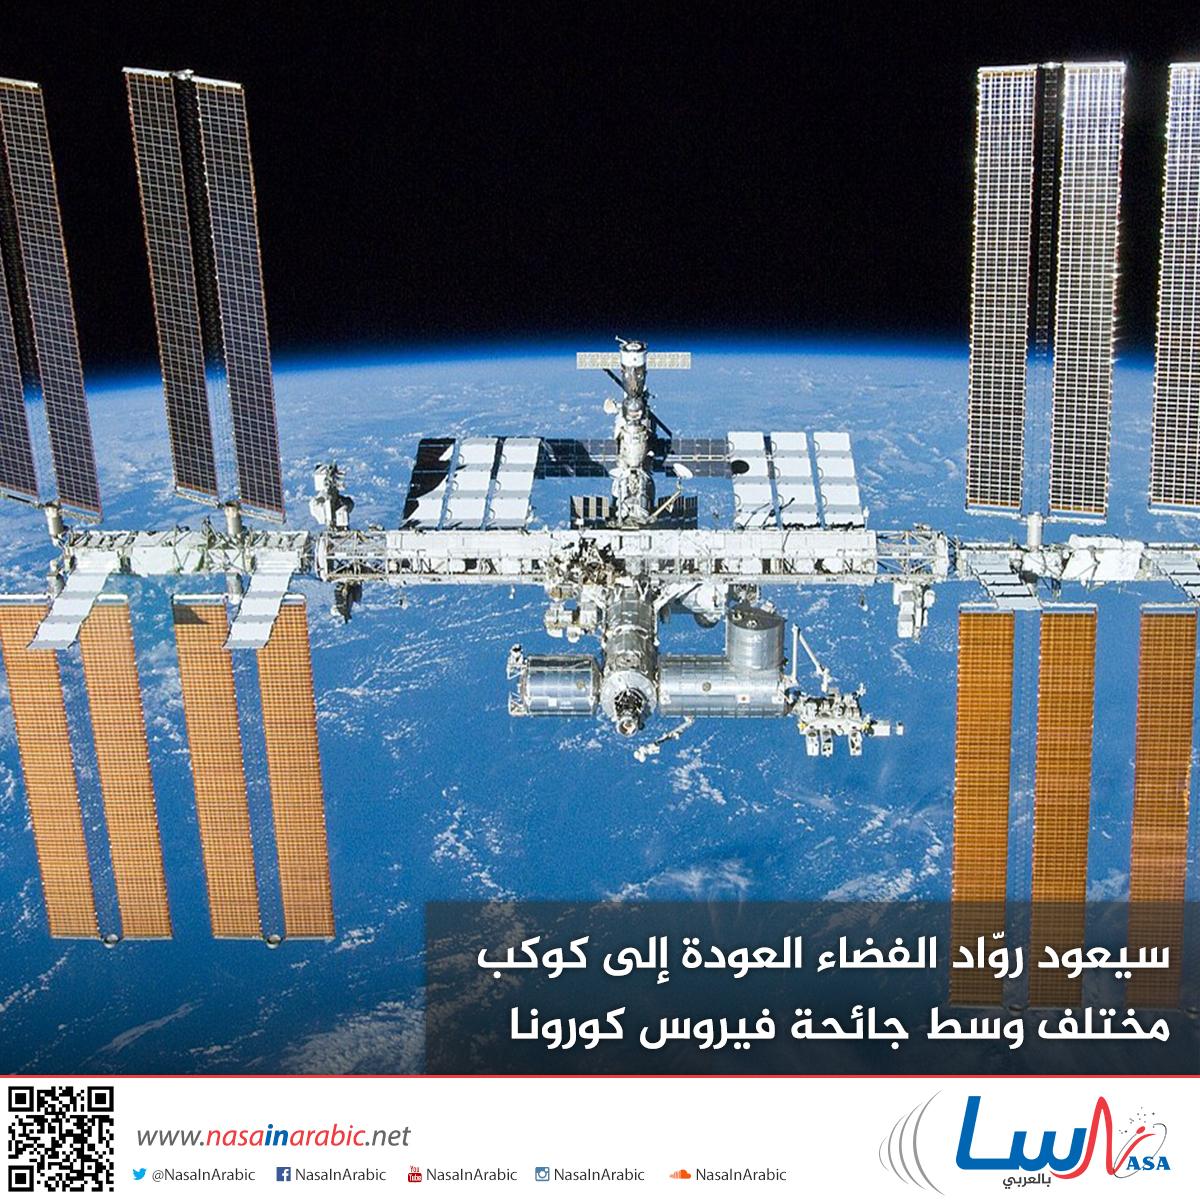 سيعود روّاد الفضاء إلى كوكب مختلف وسط جائحة فيروس كورونا